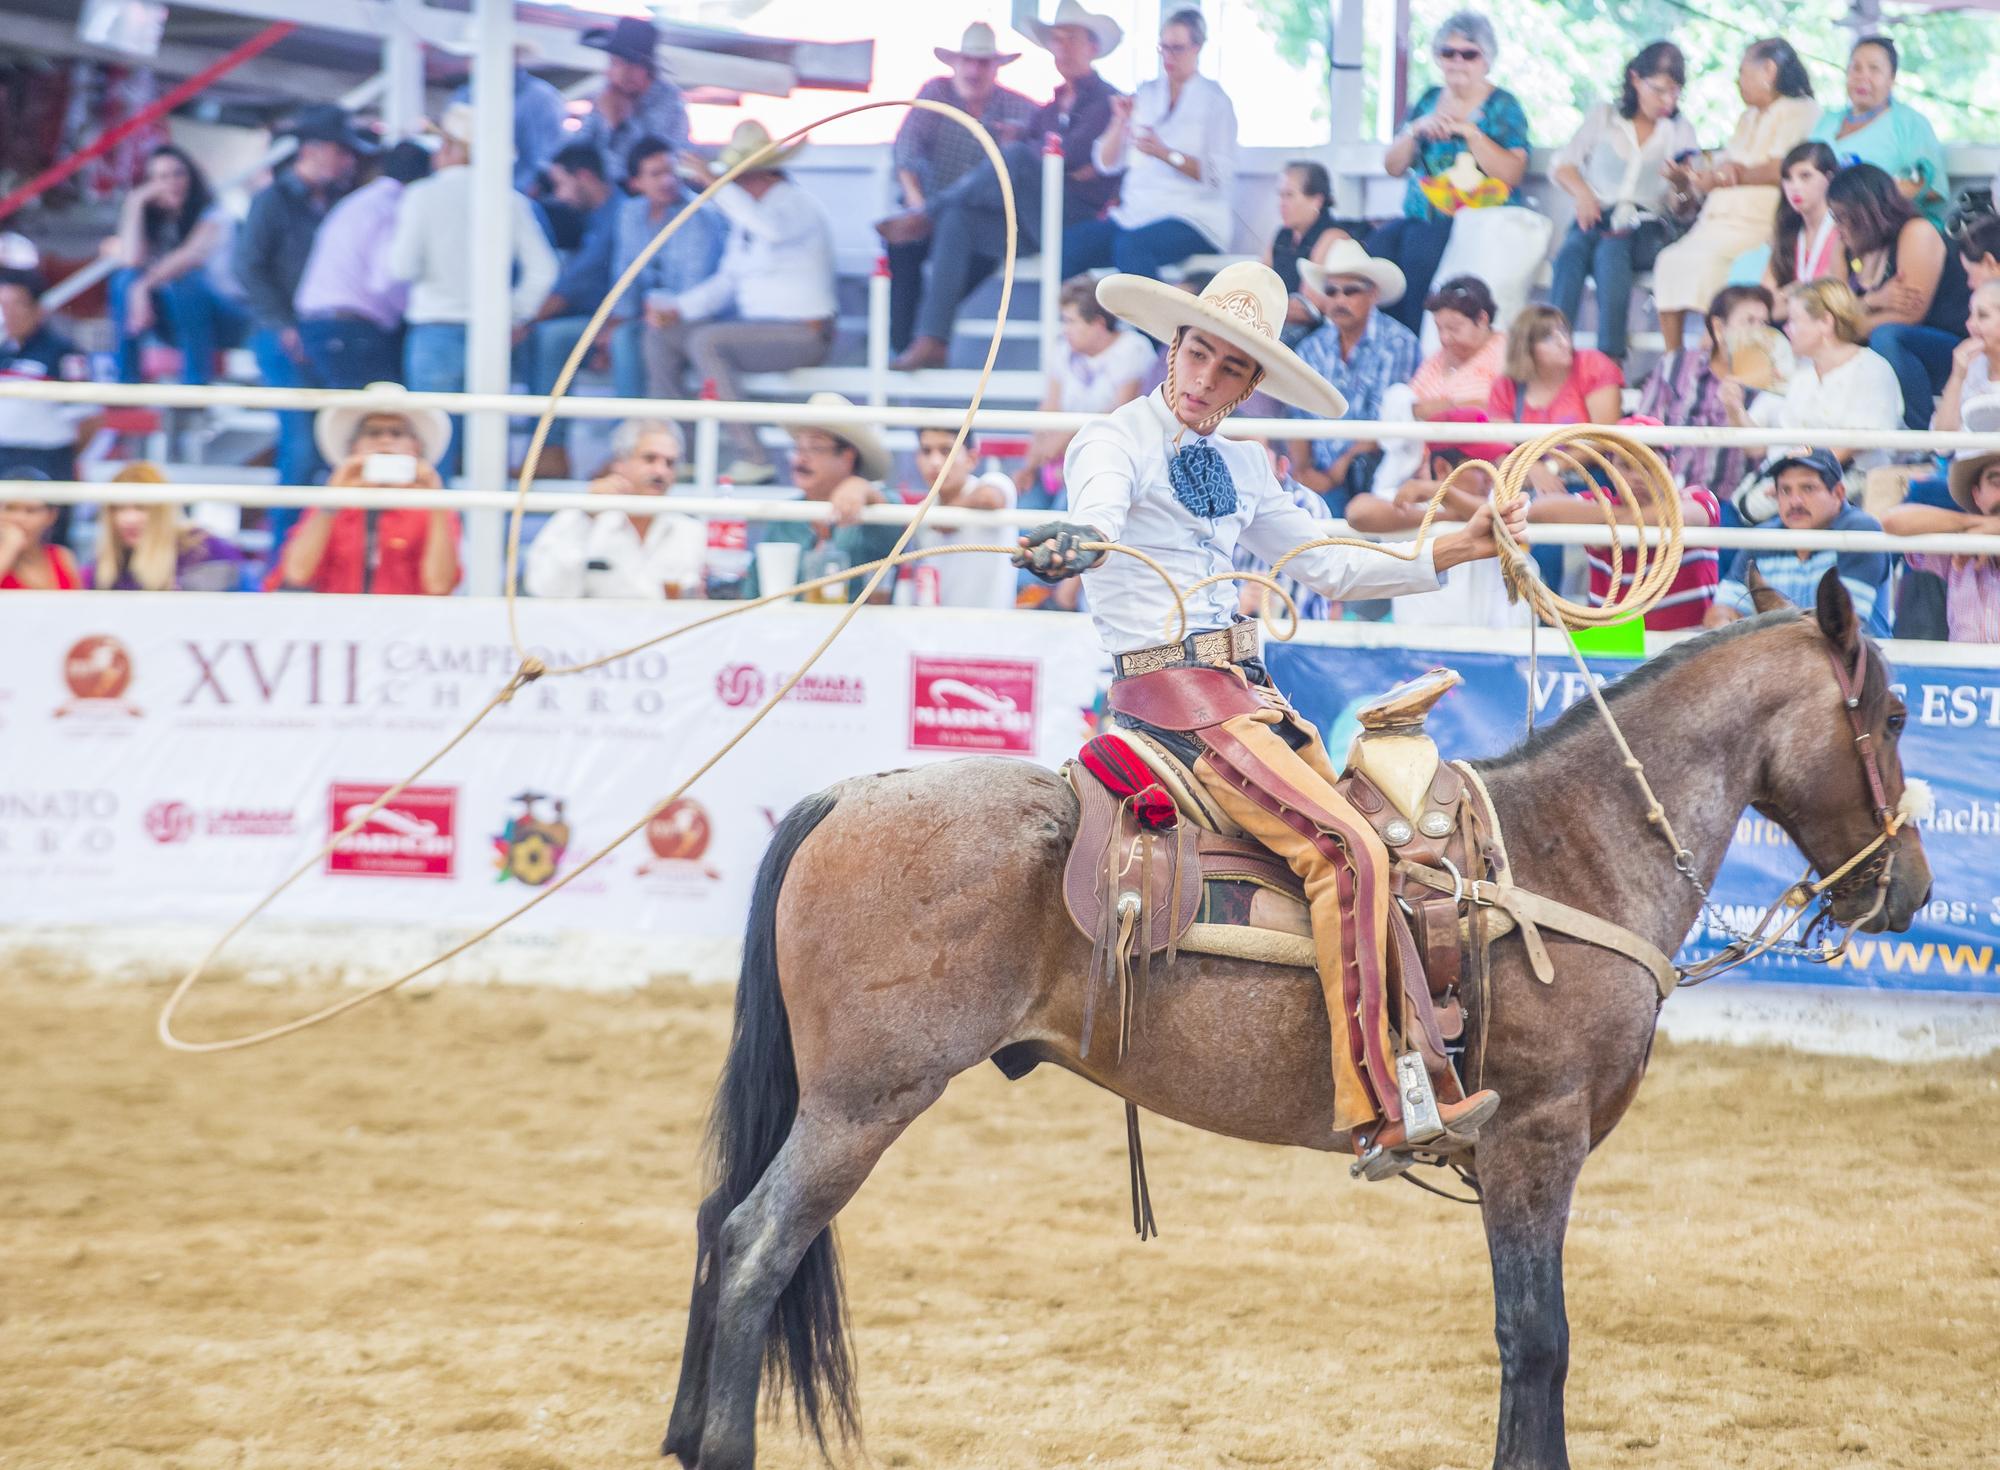 Charreria in Mexico